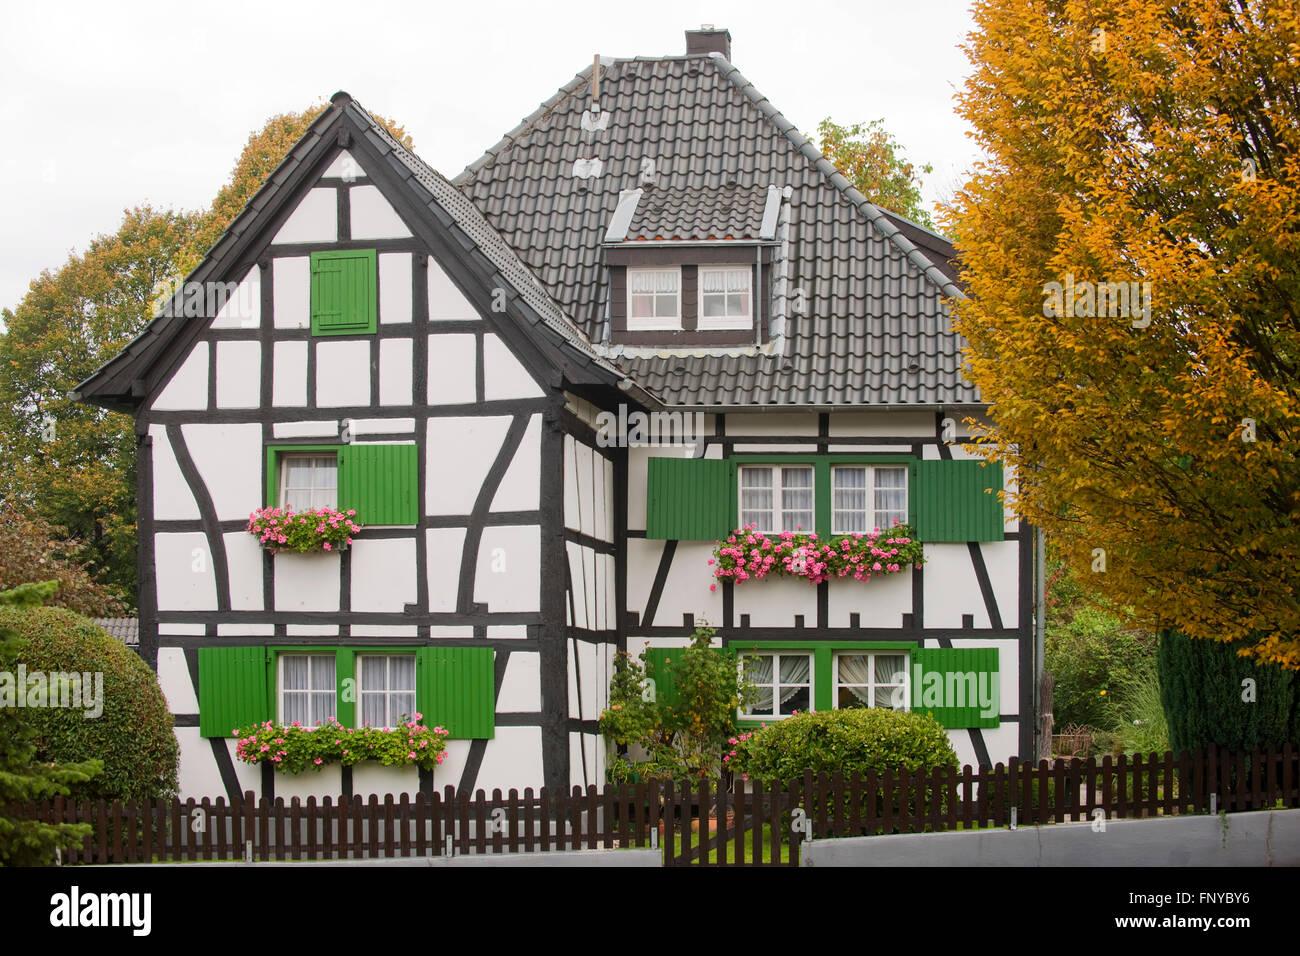 Deutschland, Nordrhein-Westfalen, Rhein-Sieg-Kreis, Sankt Augustin Birlinghoven, Fachwerkhaus Stockbild